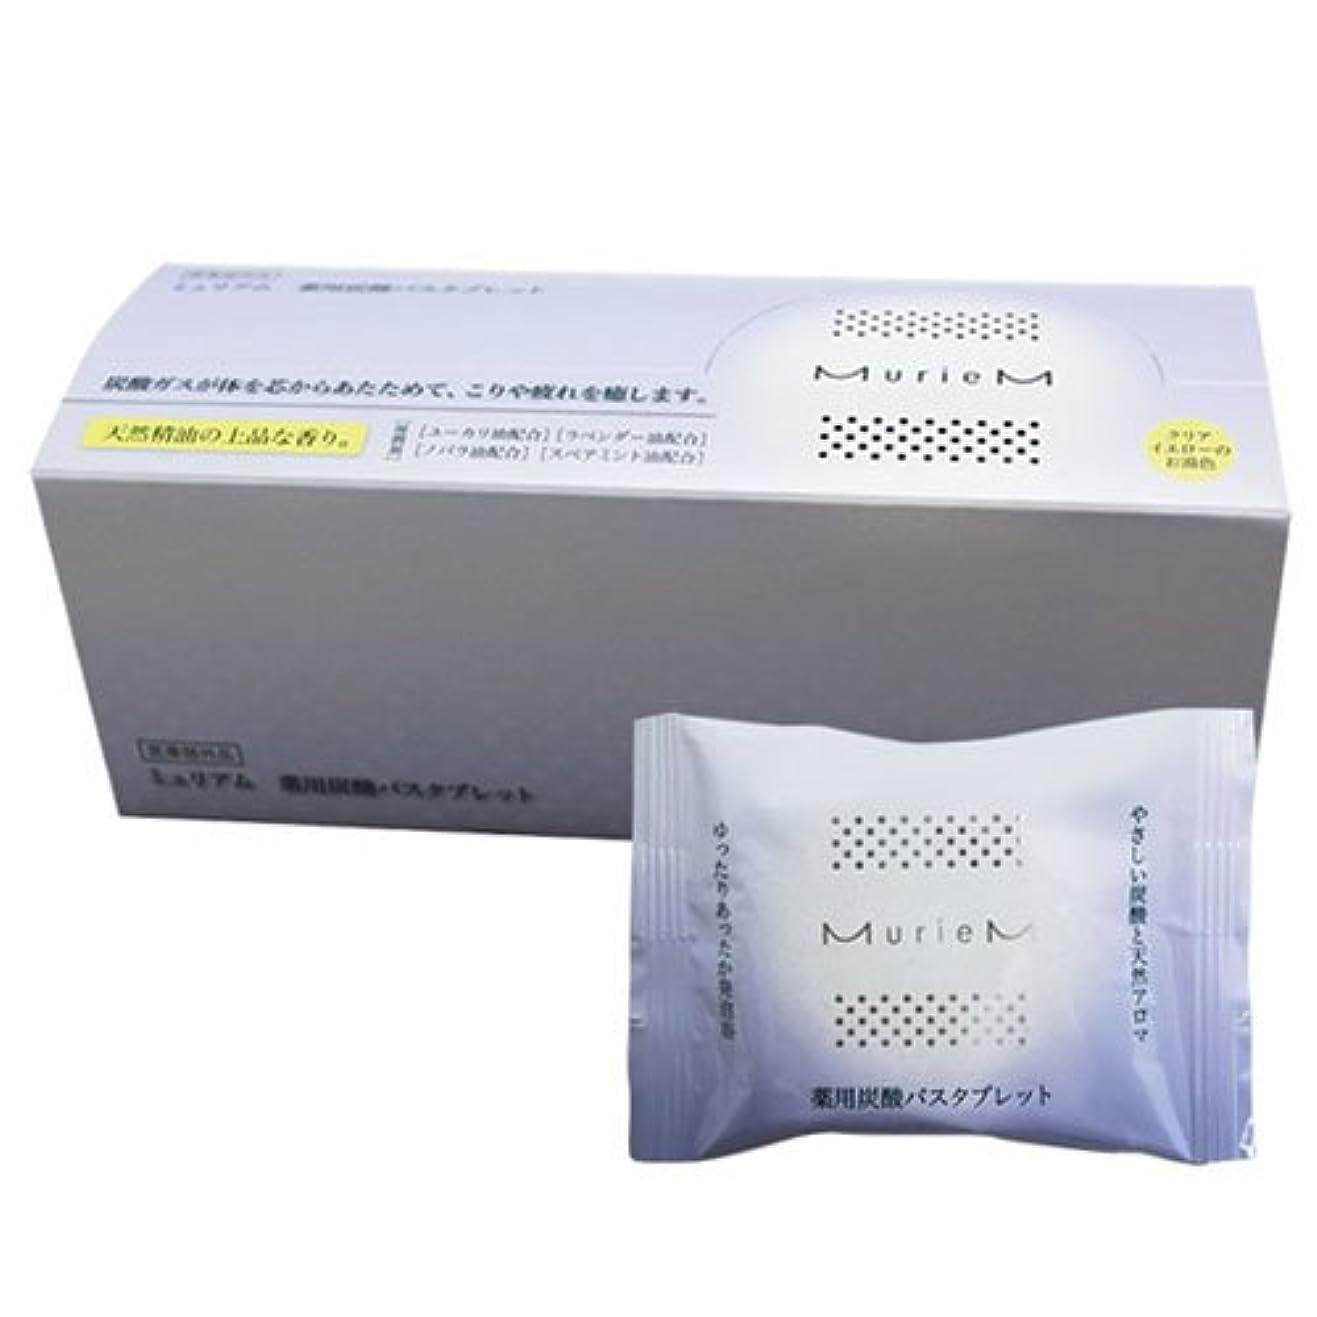 ナンバースリー ミュリアム 薬用炭酸バスタブレット 30g×10包 [医薬部外品]